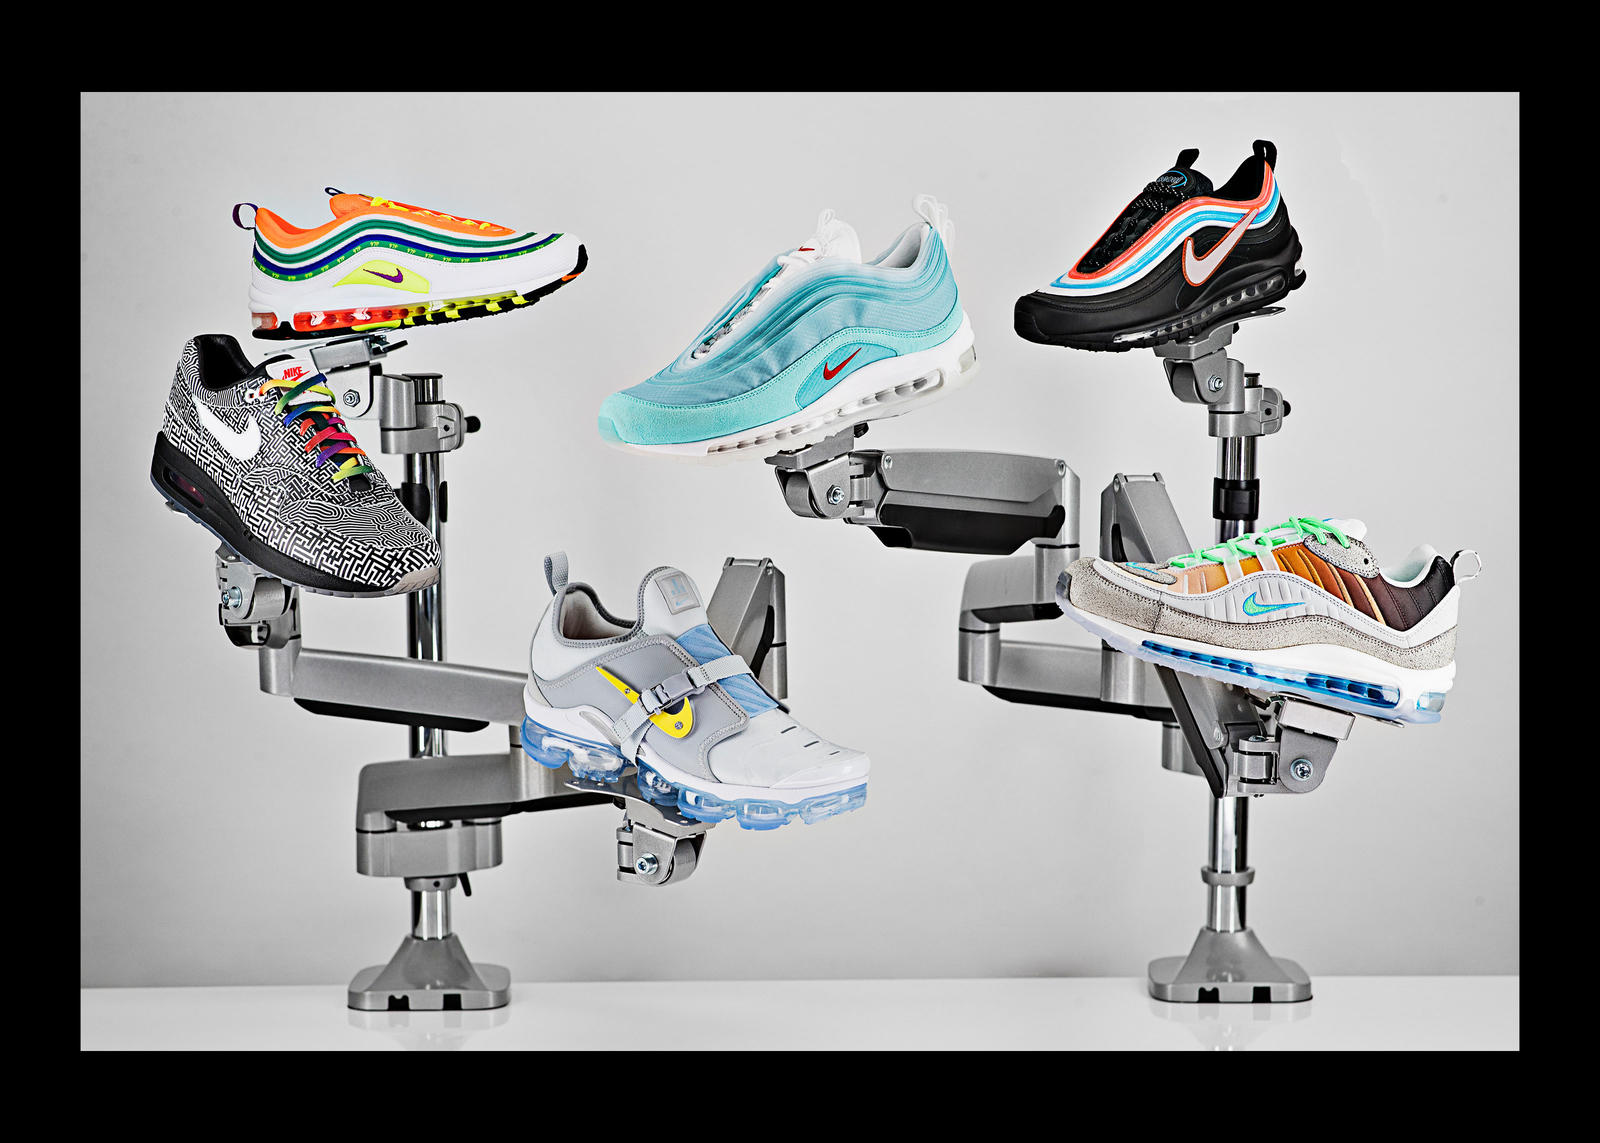 NikeOnAir2018_FinalShoes_GroupShot_Border_1_rectangle_1600.jpg